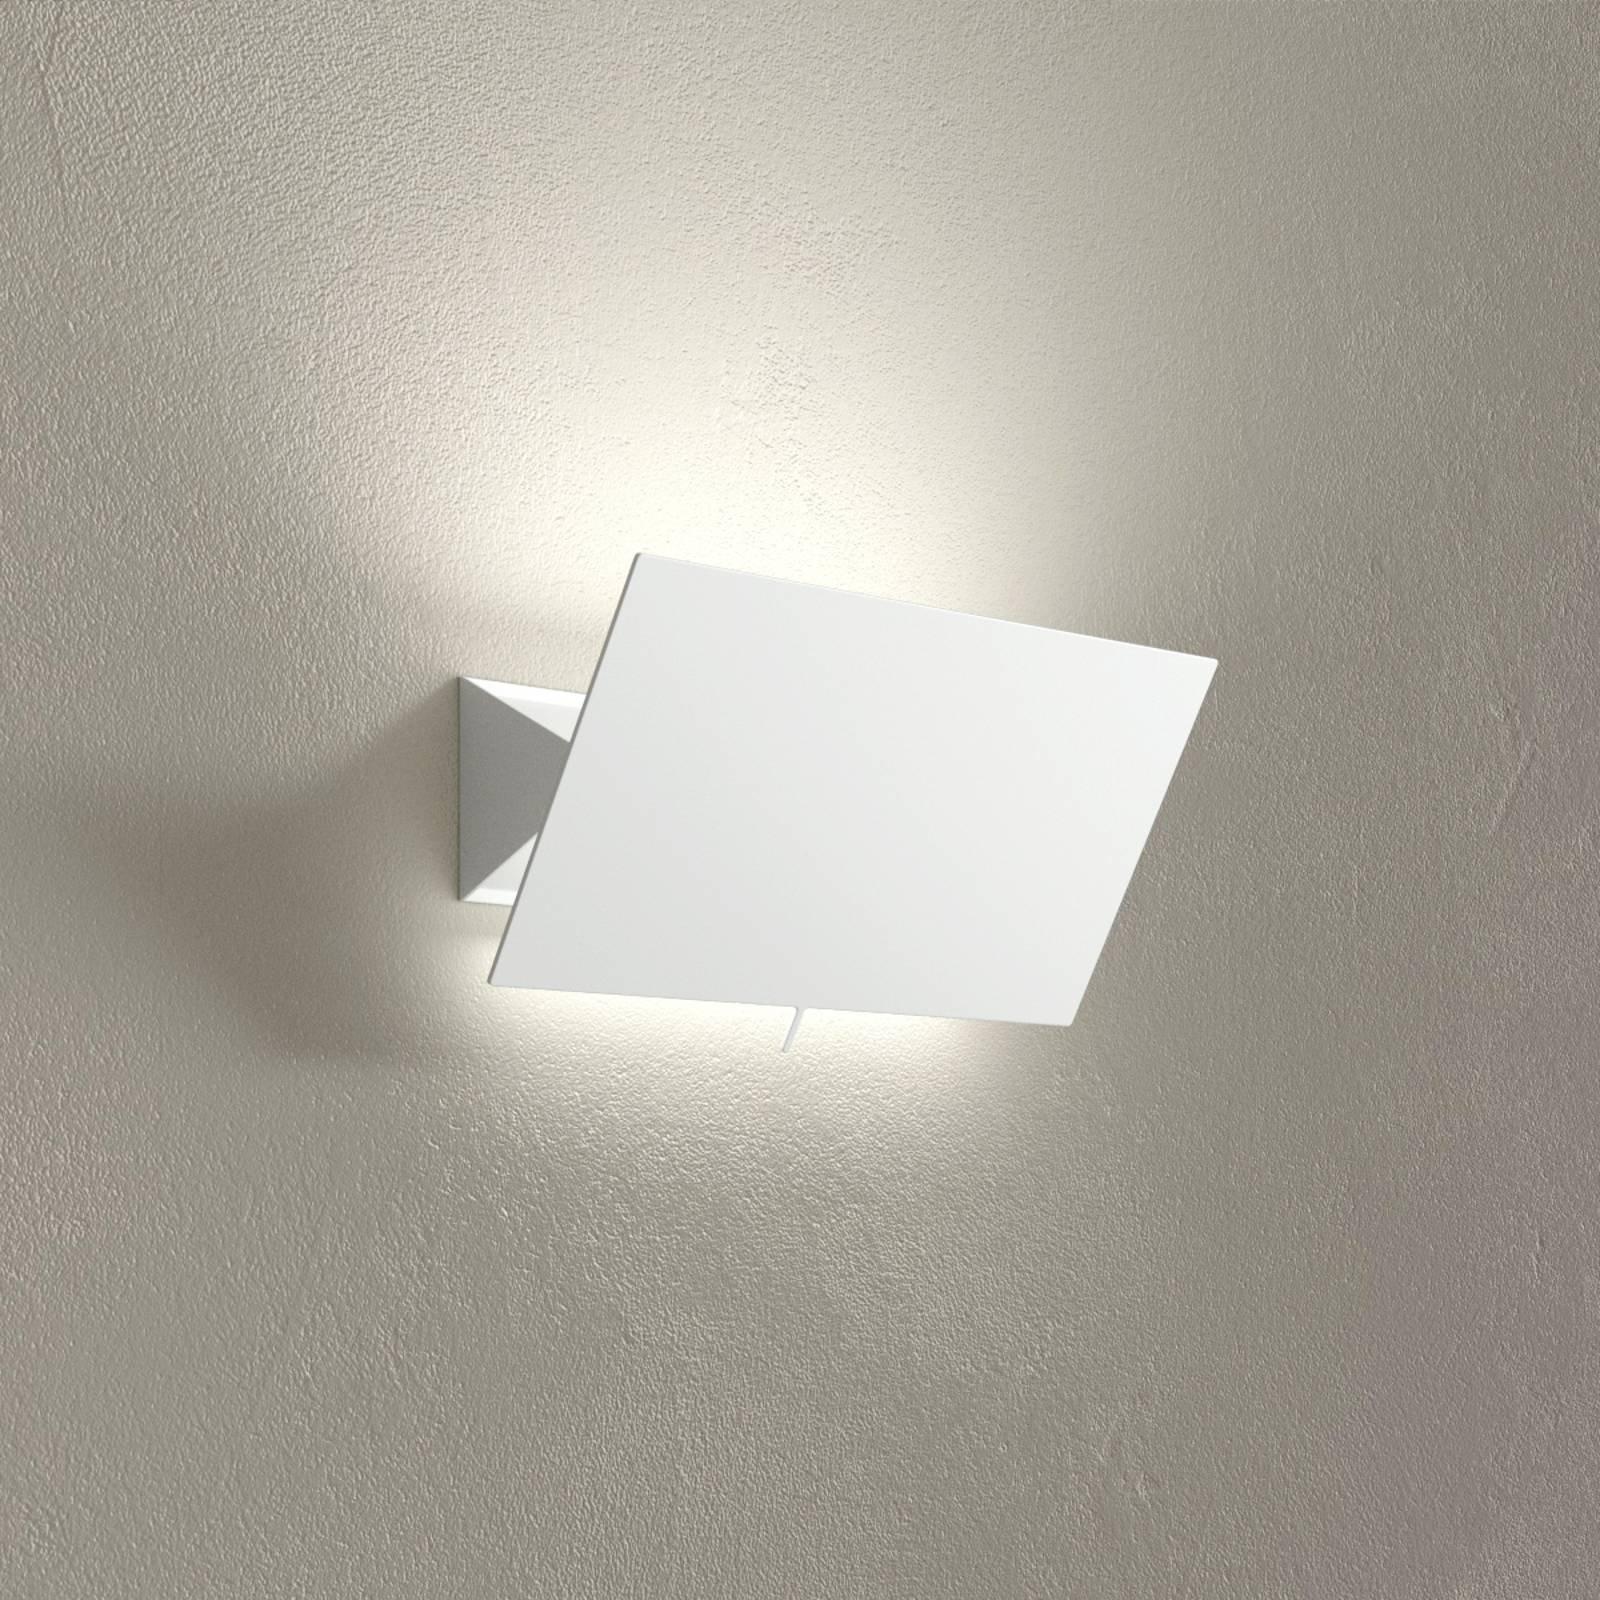 LED-vegglampe Shadow Piccola, hvit, bredde 33 cm